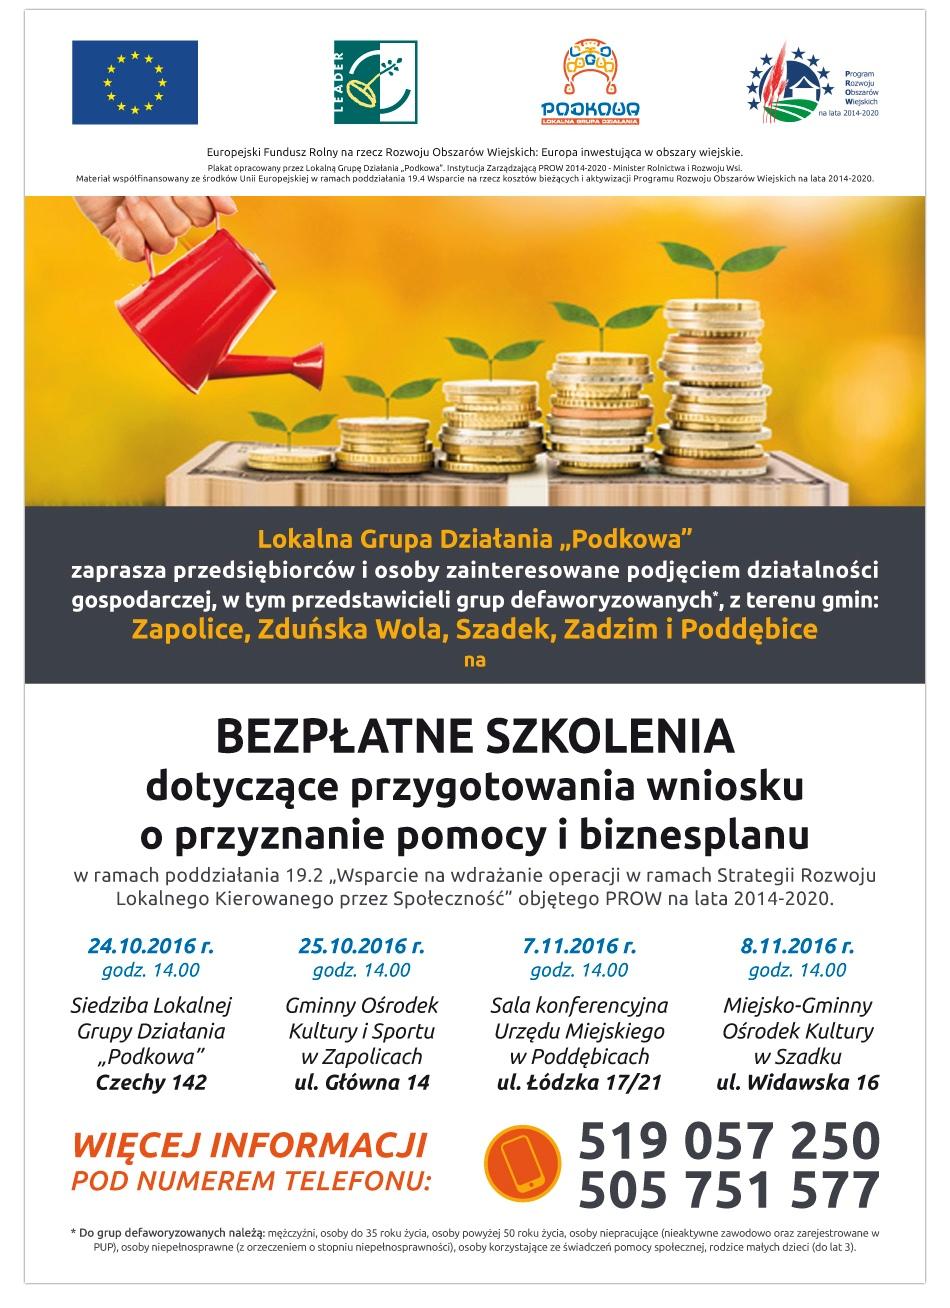 lgd_podkowa_plakaty_a3_projekt_2_poprawiony4